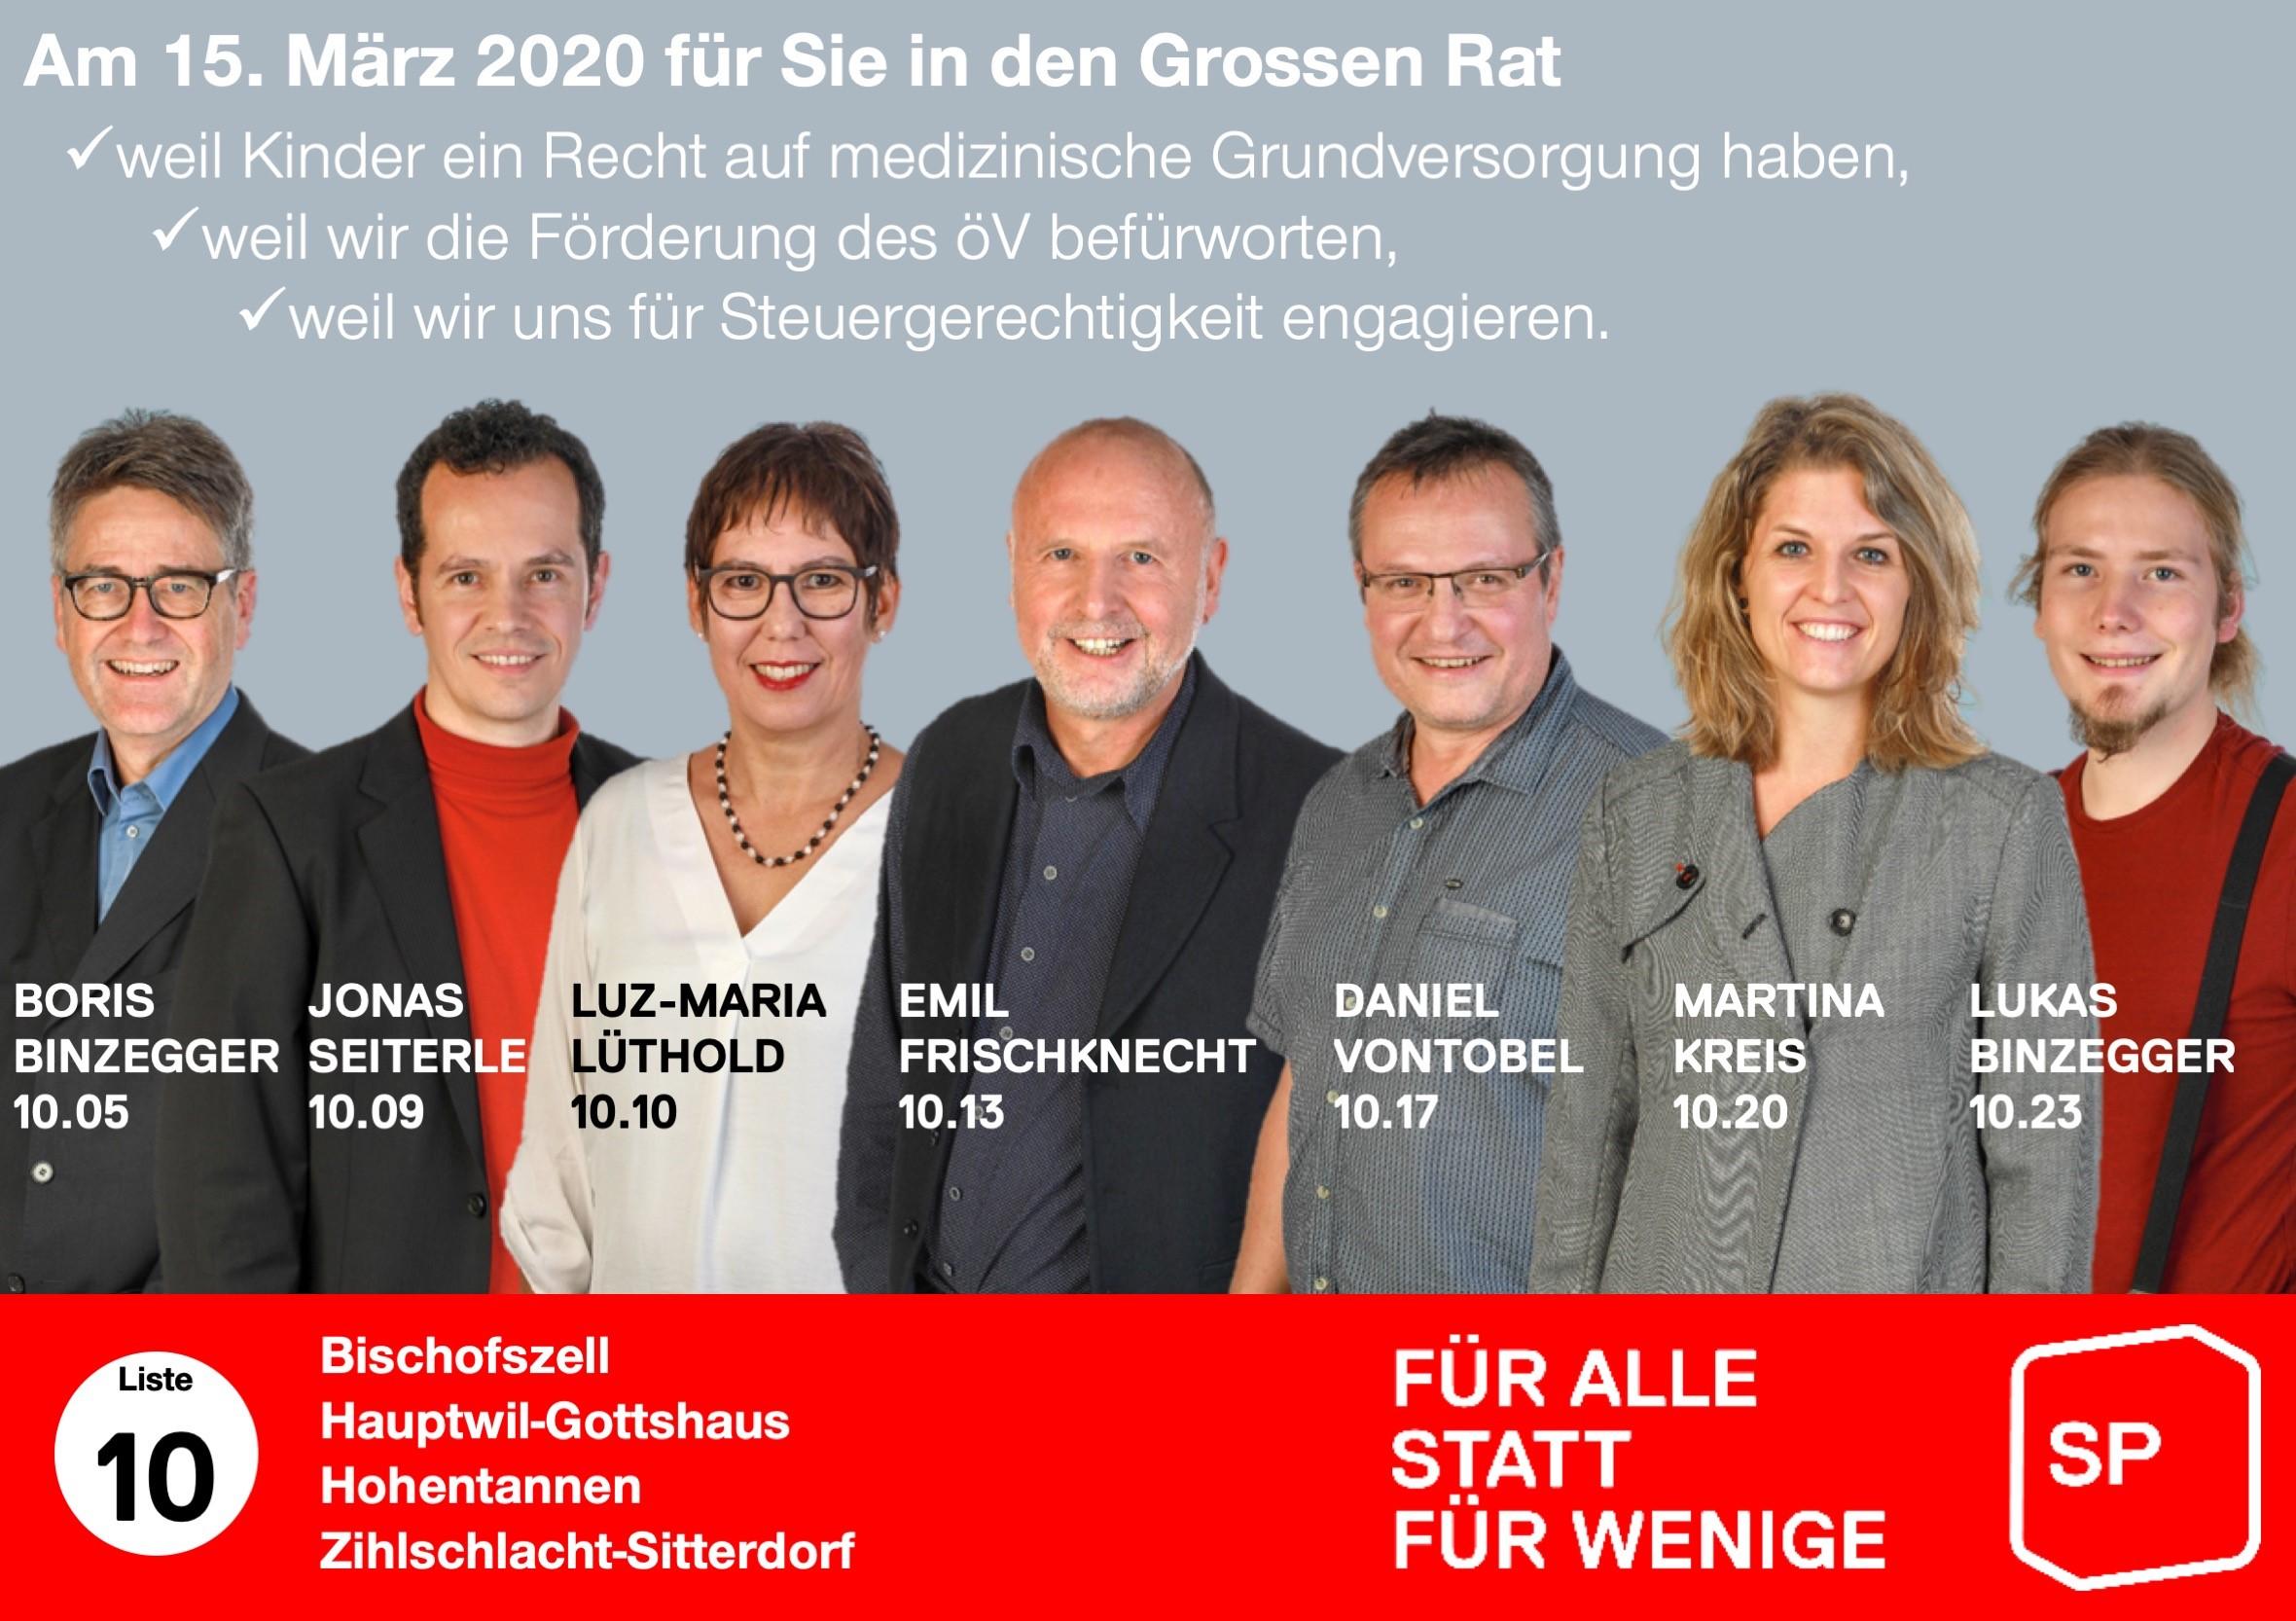 Flyer SP-Bischofszell pour les élections au Grand Conseil TG 2020